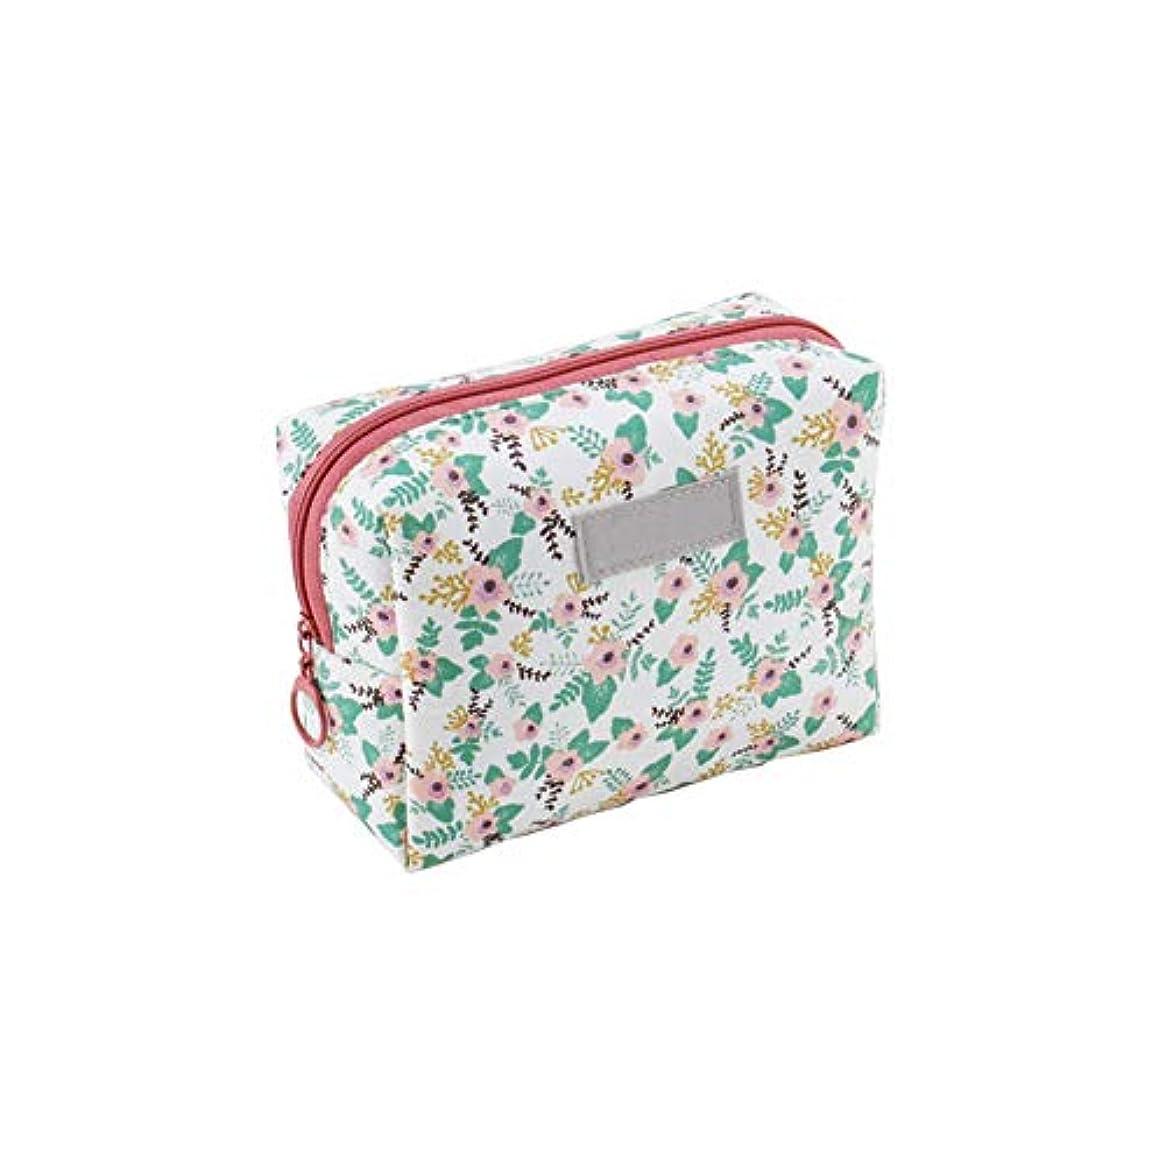 デモンストレーションミュウミュウ面ポータブル手洗いバッグウォッシュバッグ旅行化粧品袋化粧バッグオーガナイザーさん男性(白、ピンクの花)